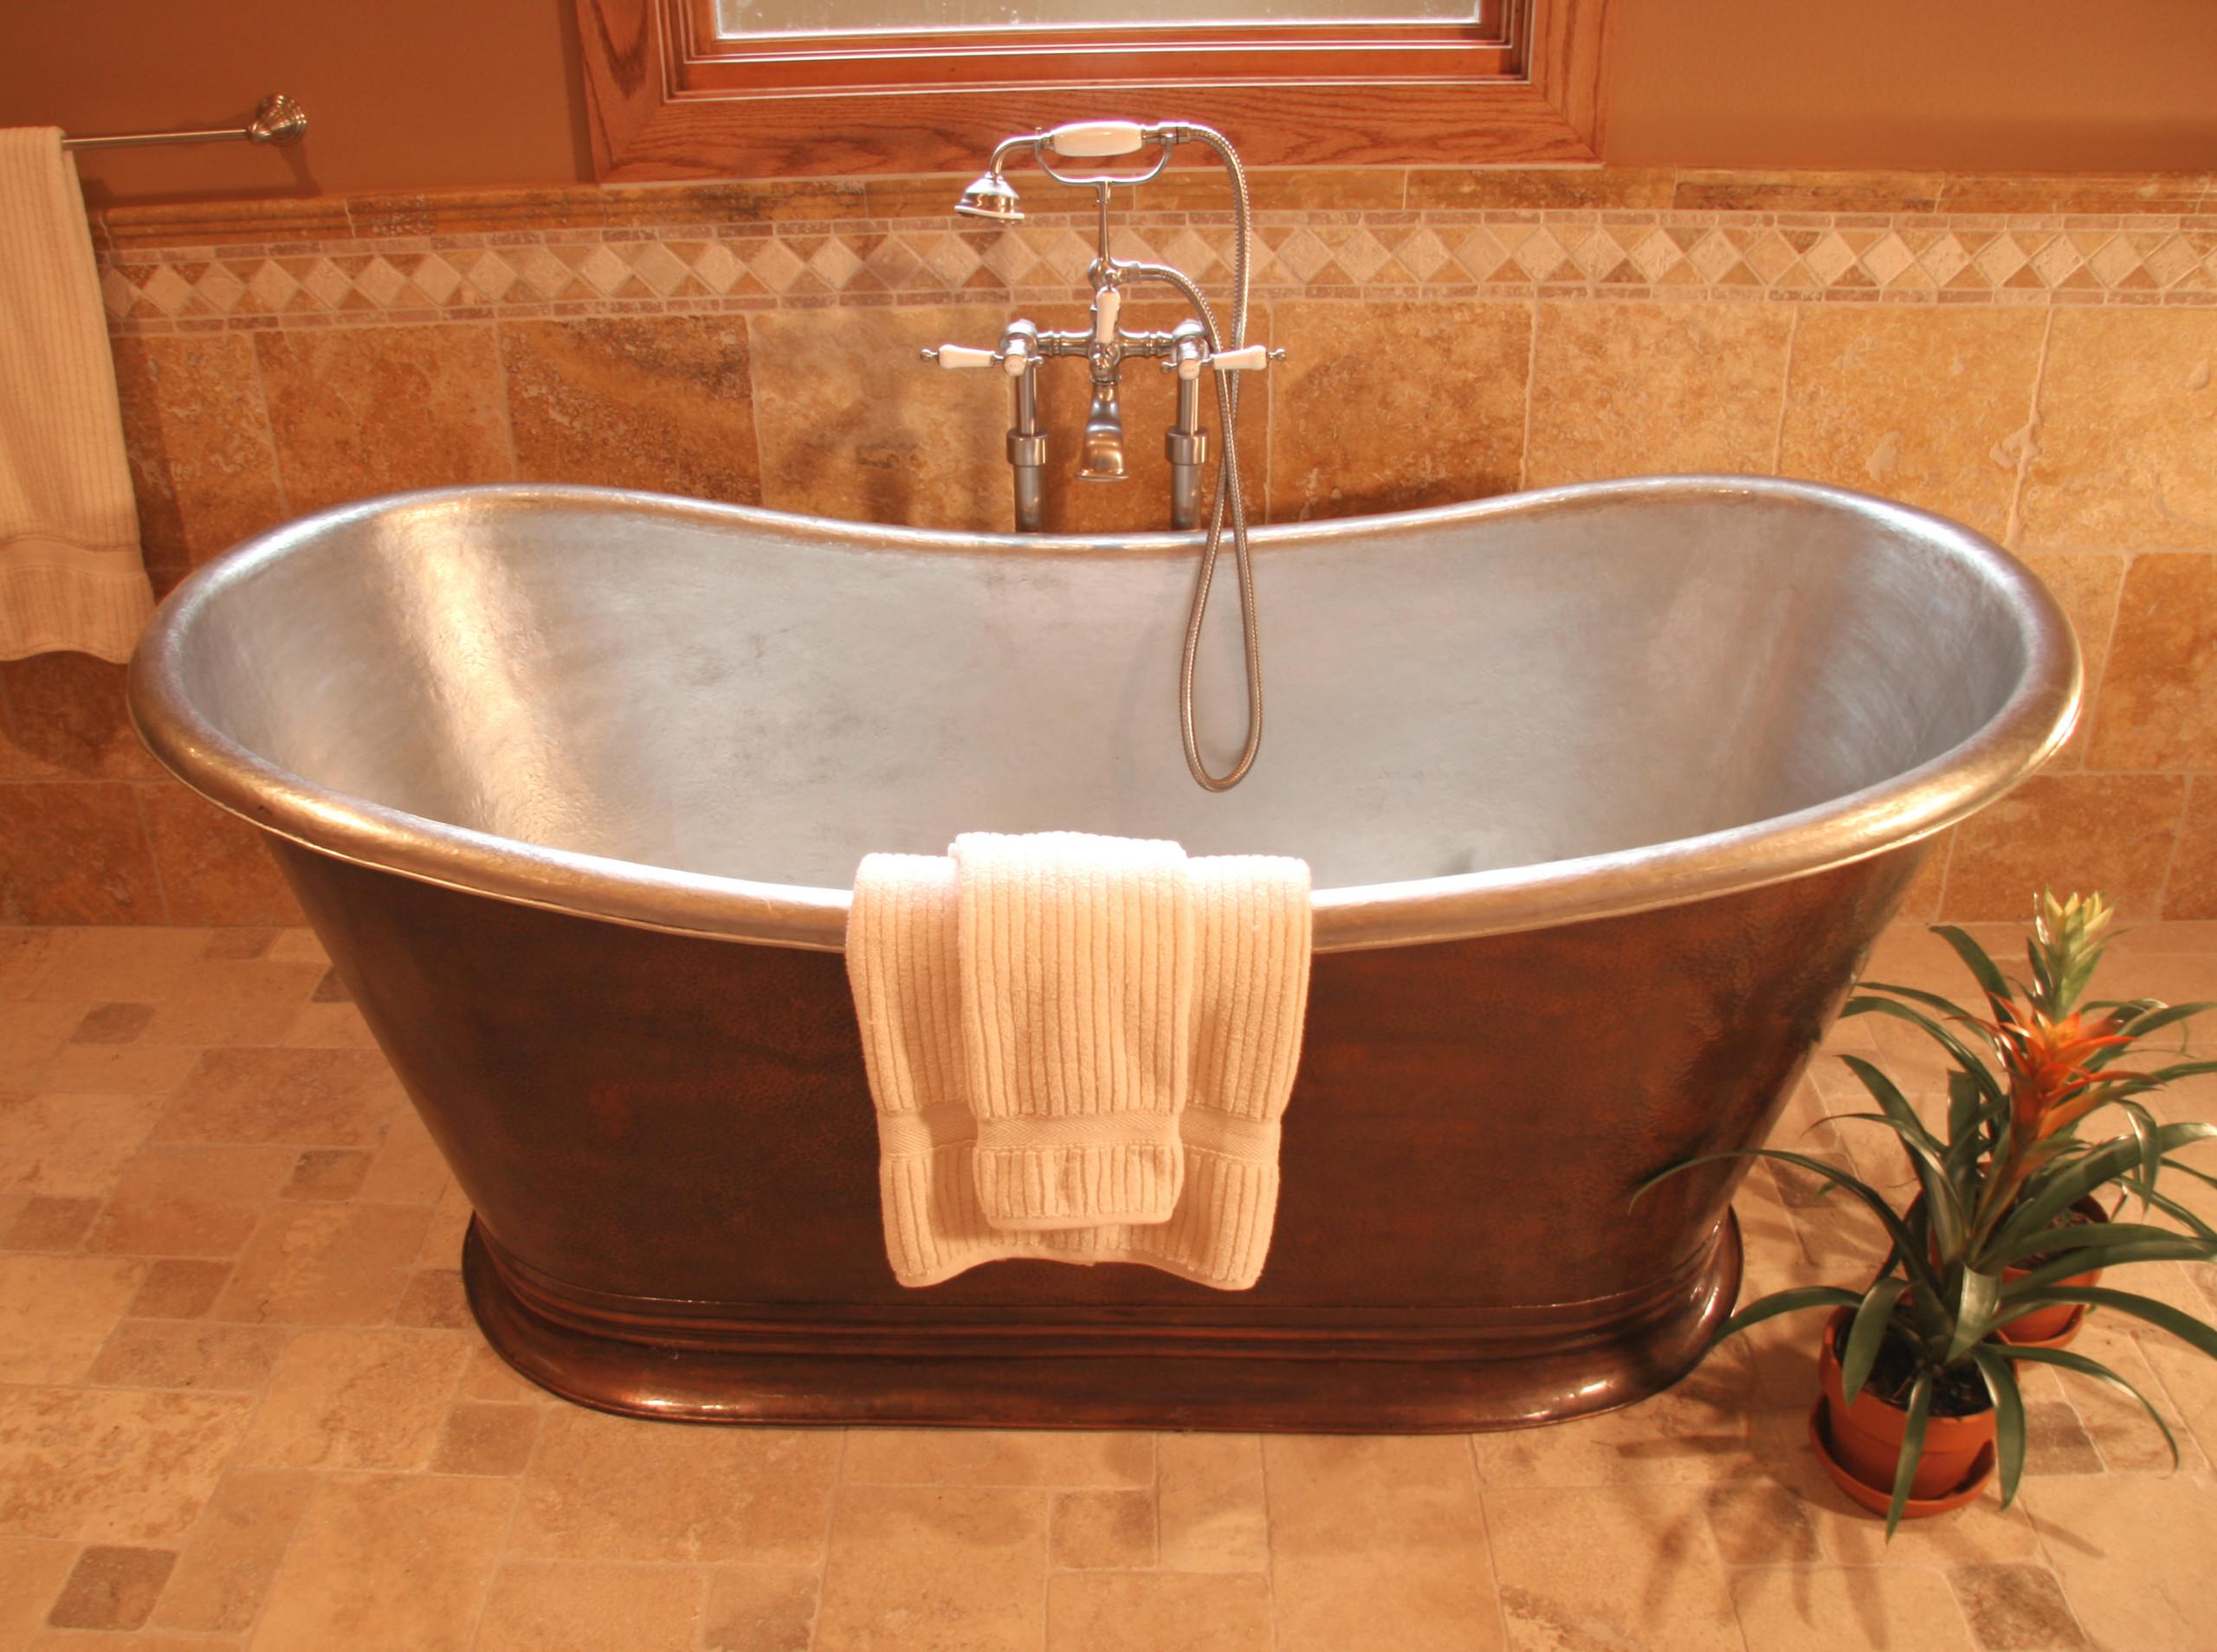 Bungalow Bath - Copper Tub Detail